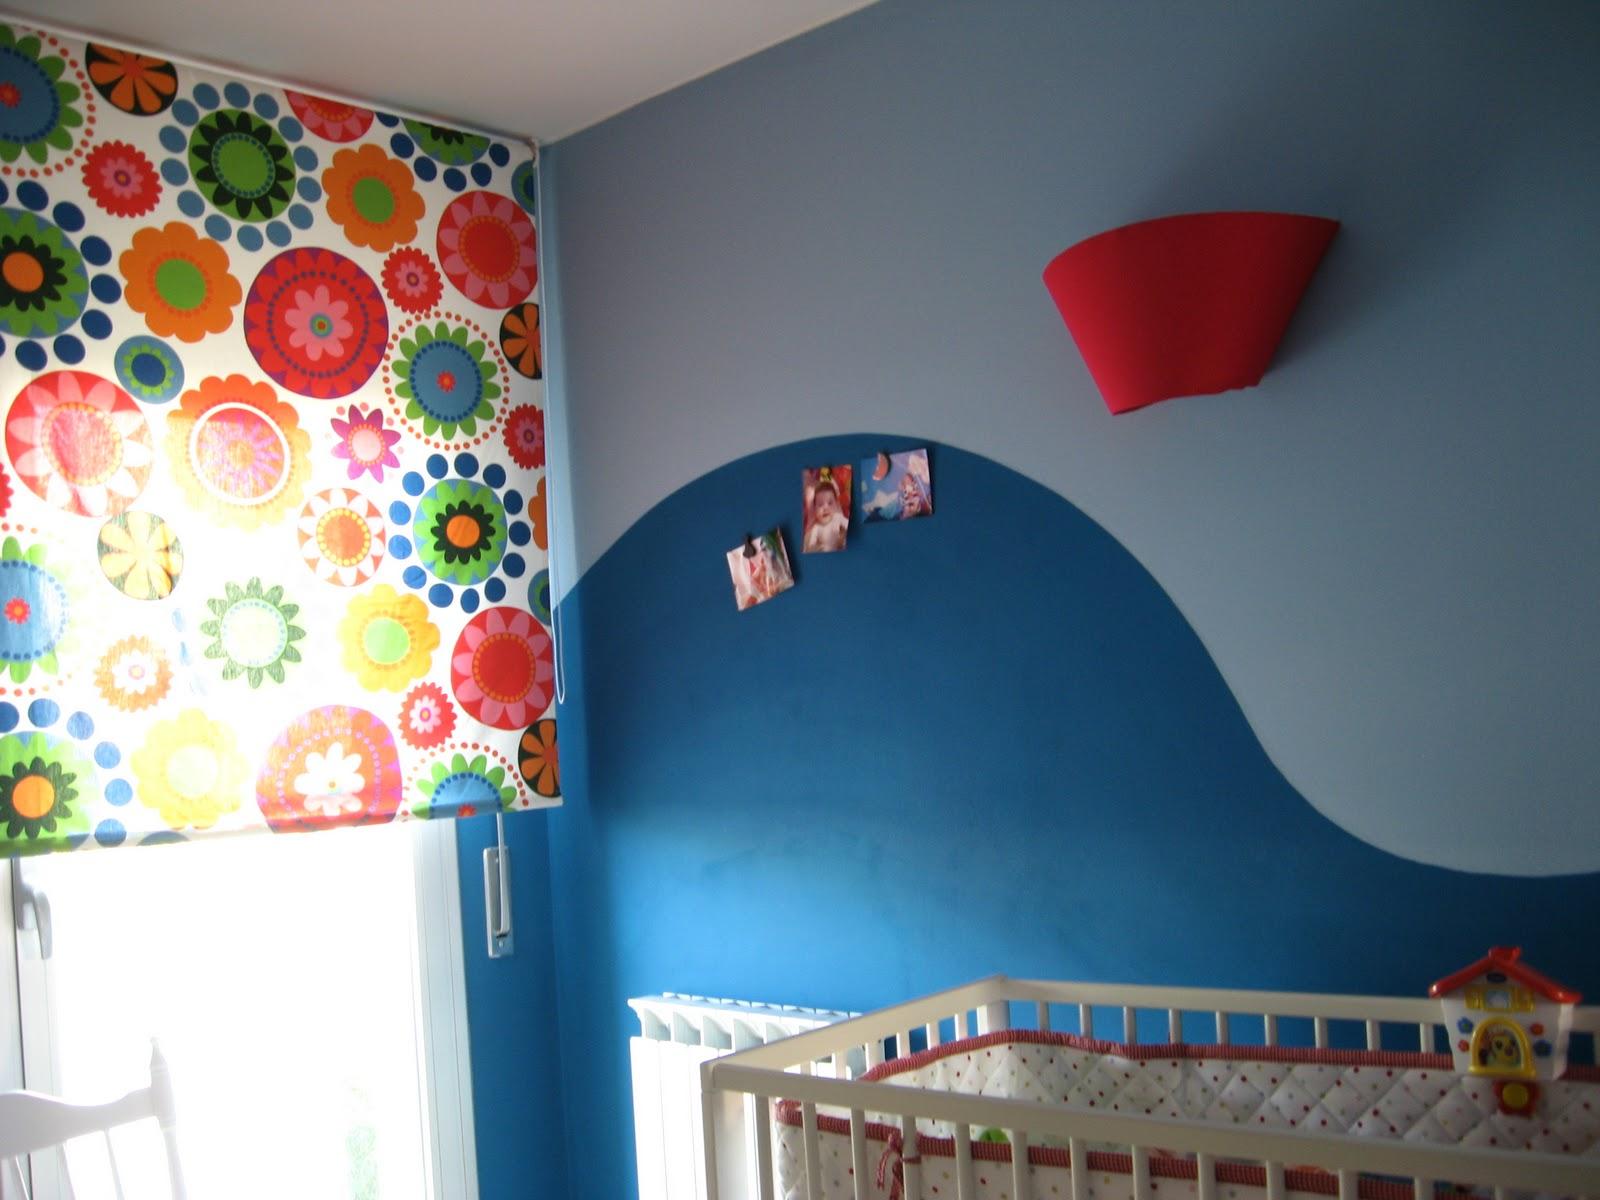 La forma delle nuvole decorare la cameretta dei bambini con vernice magnetica - Decorazioni pareti camerette ...